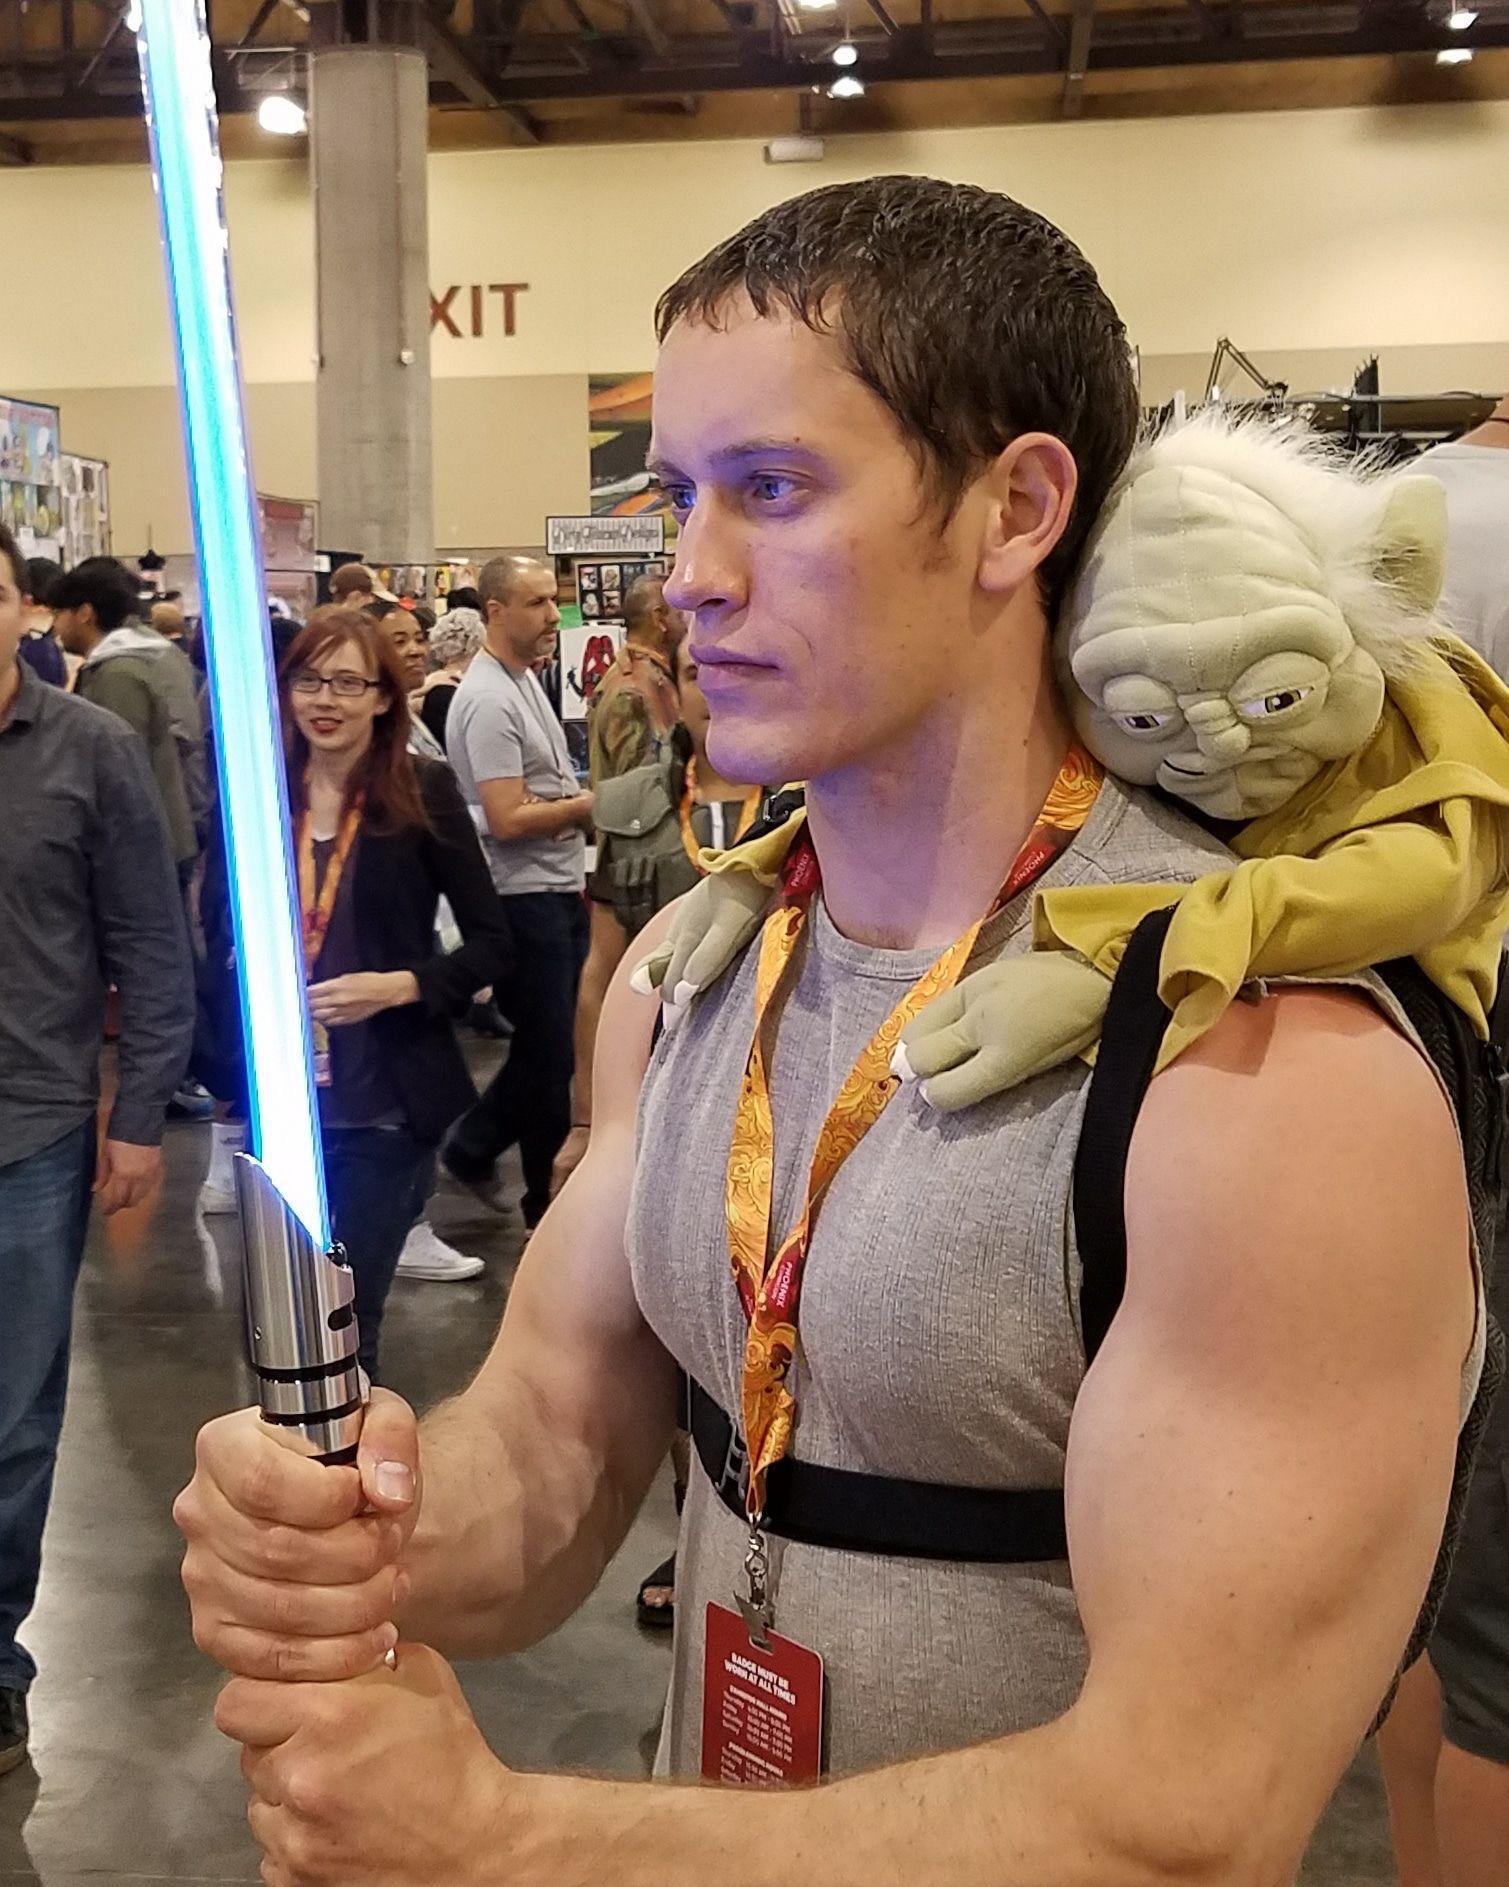 Luke Skywalker-Empire Strikes Back